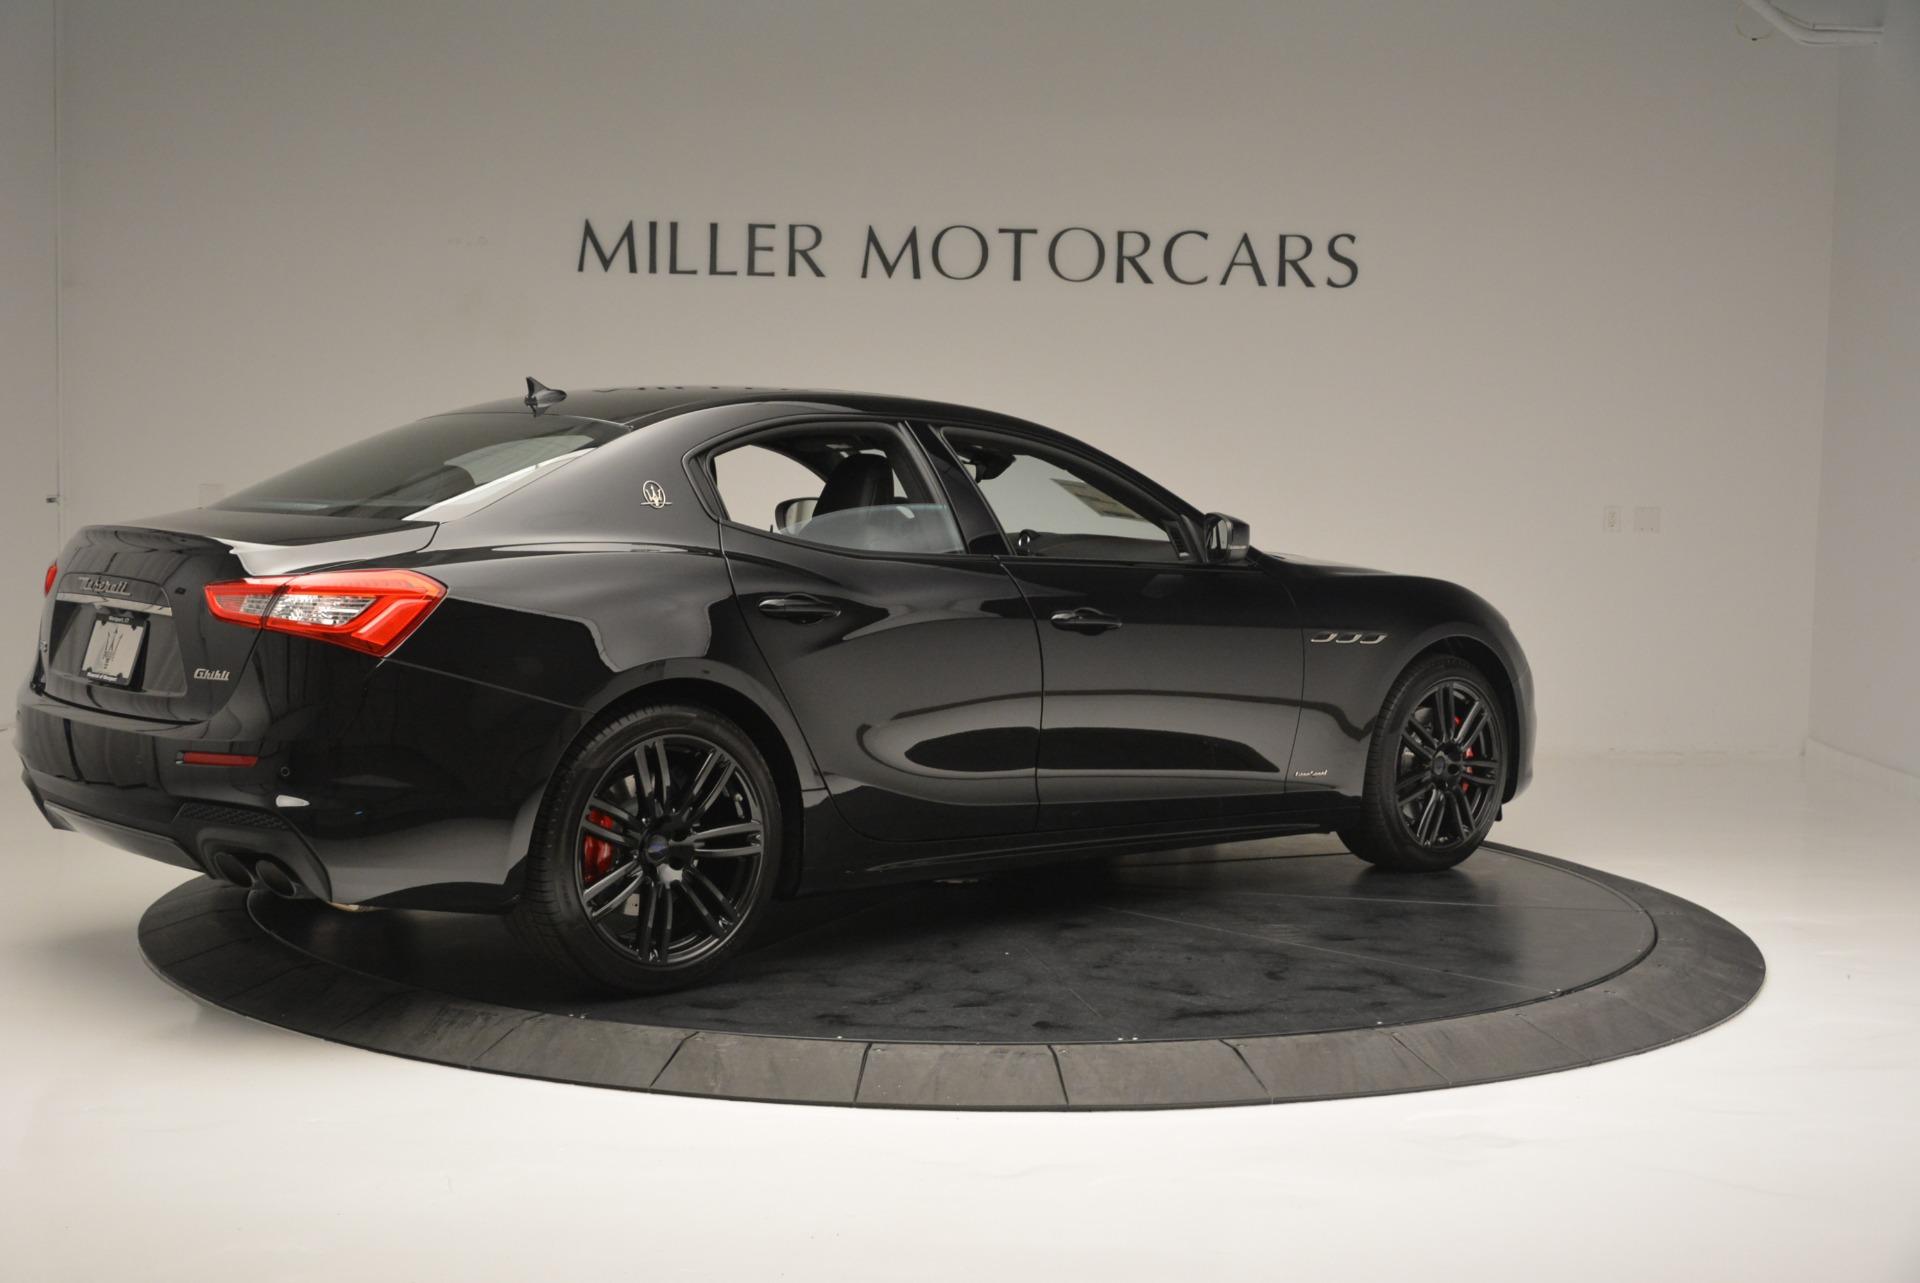 New 2018 Maserati Ghibli SQ4 GranSport Nerissimo For Sale In Greenwich, CT. Alfa Romeo of Greenwich, M2173 2368_p8